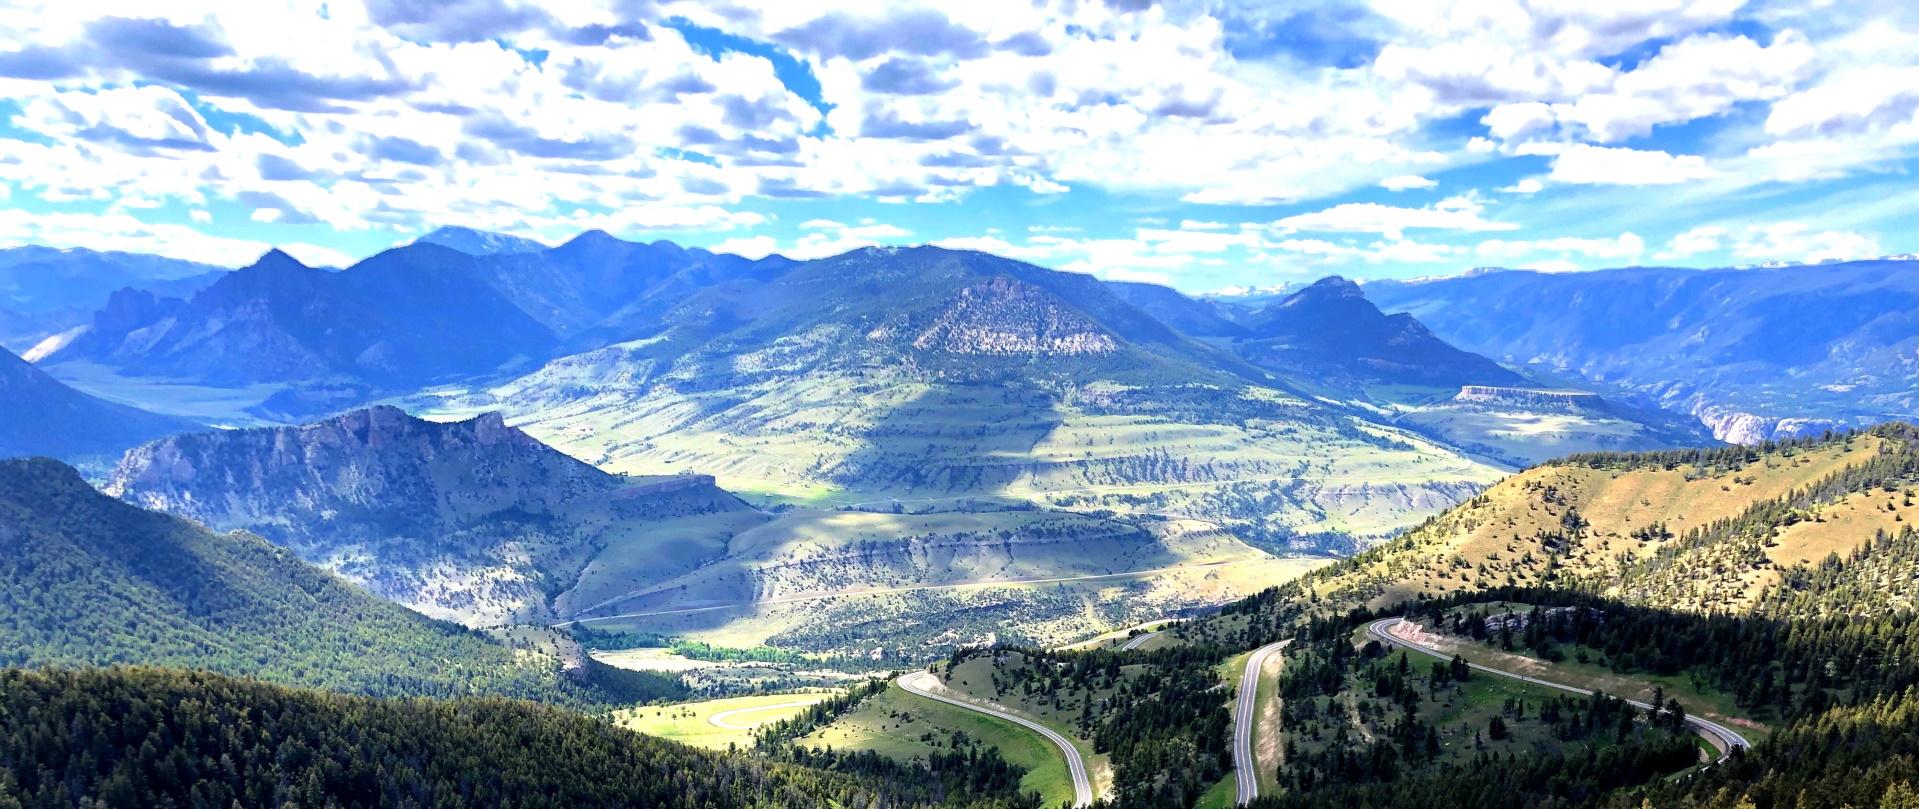 open road in montana HU9DX3Q